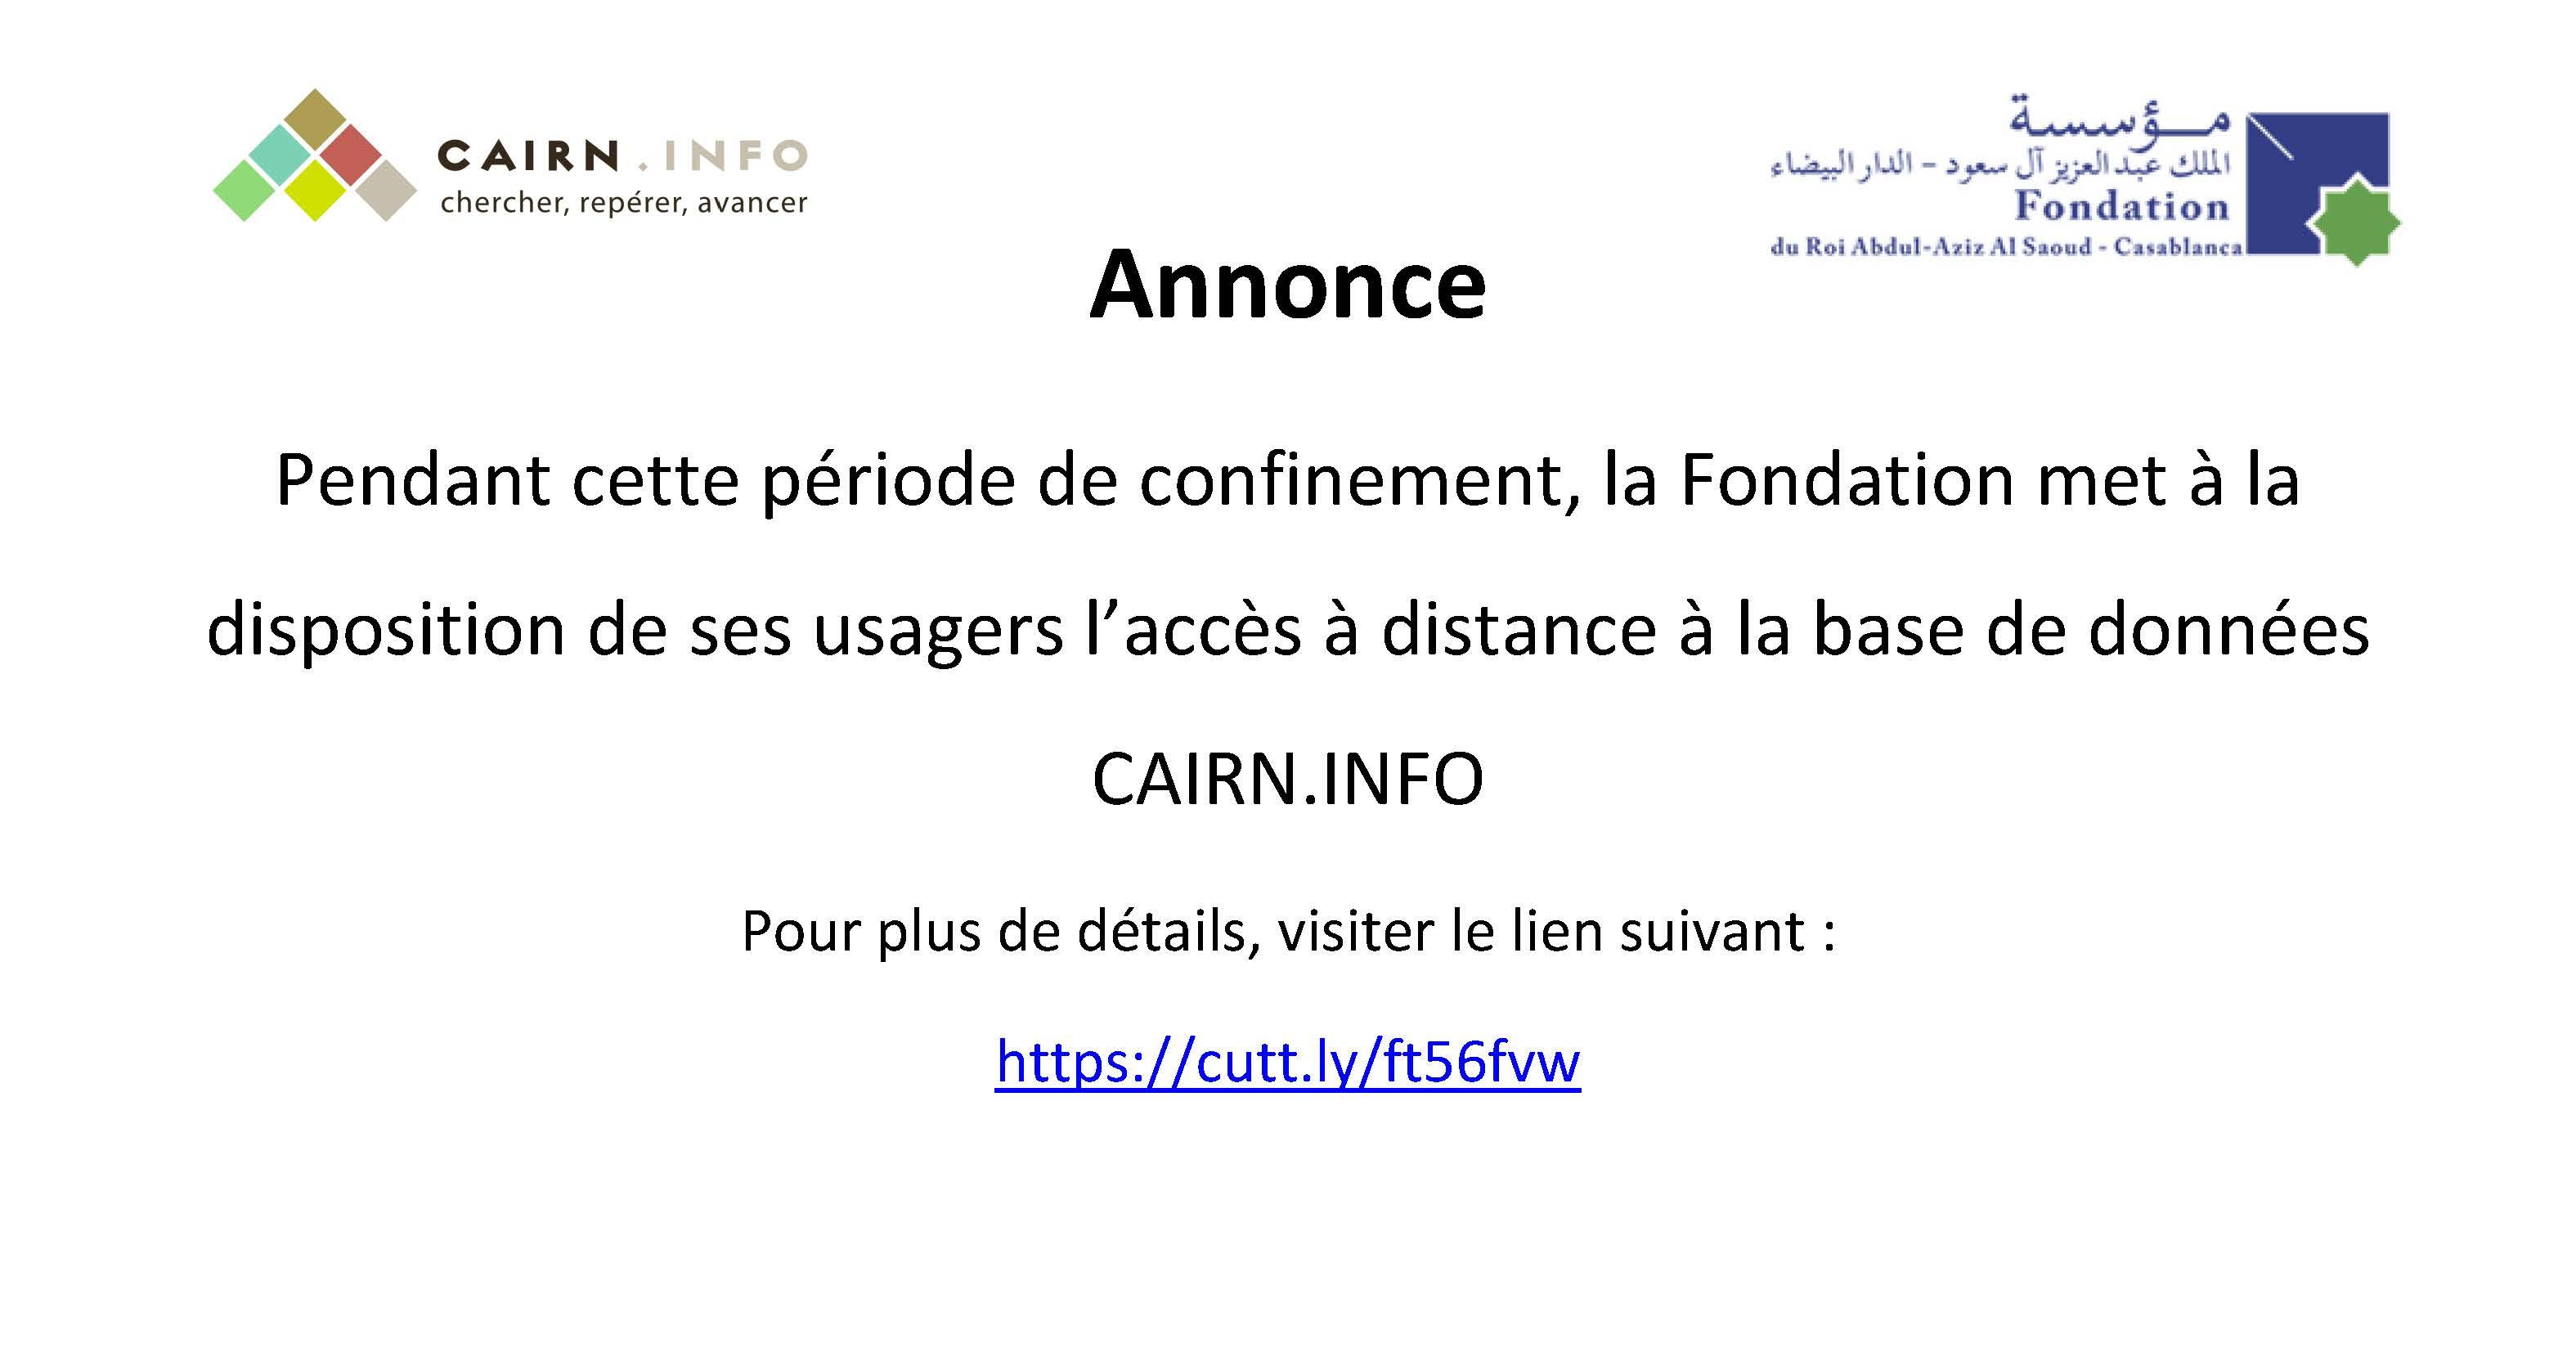 Annonce : Accès à distance à la base de données CAIRN.INFO